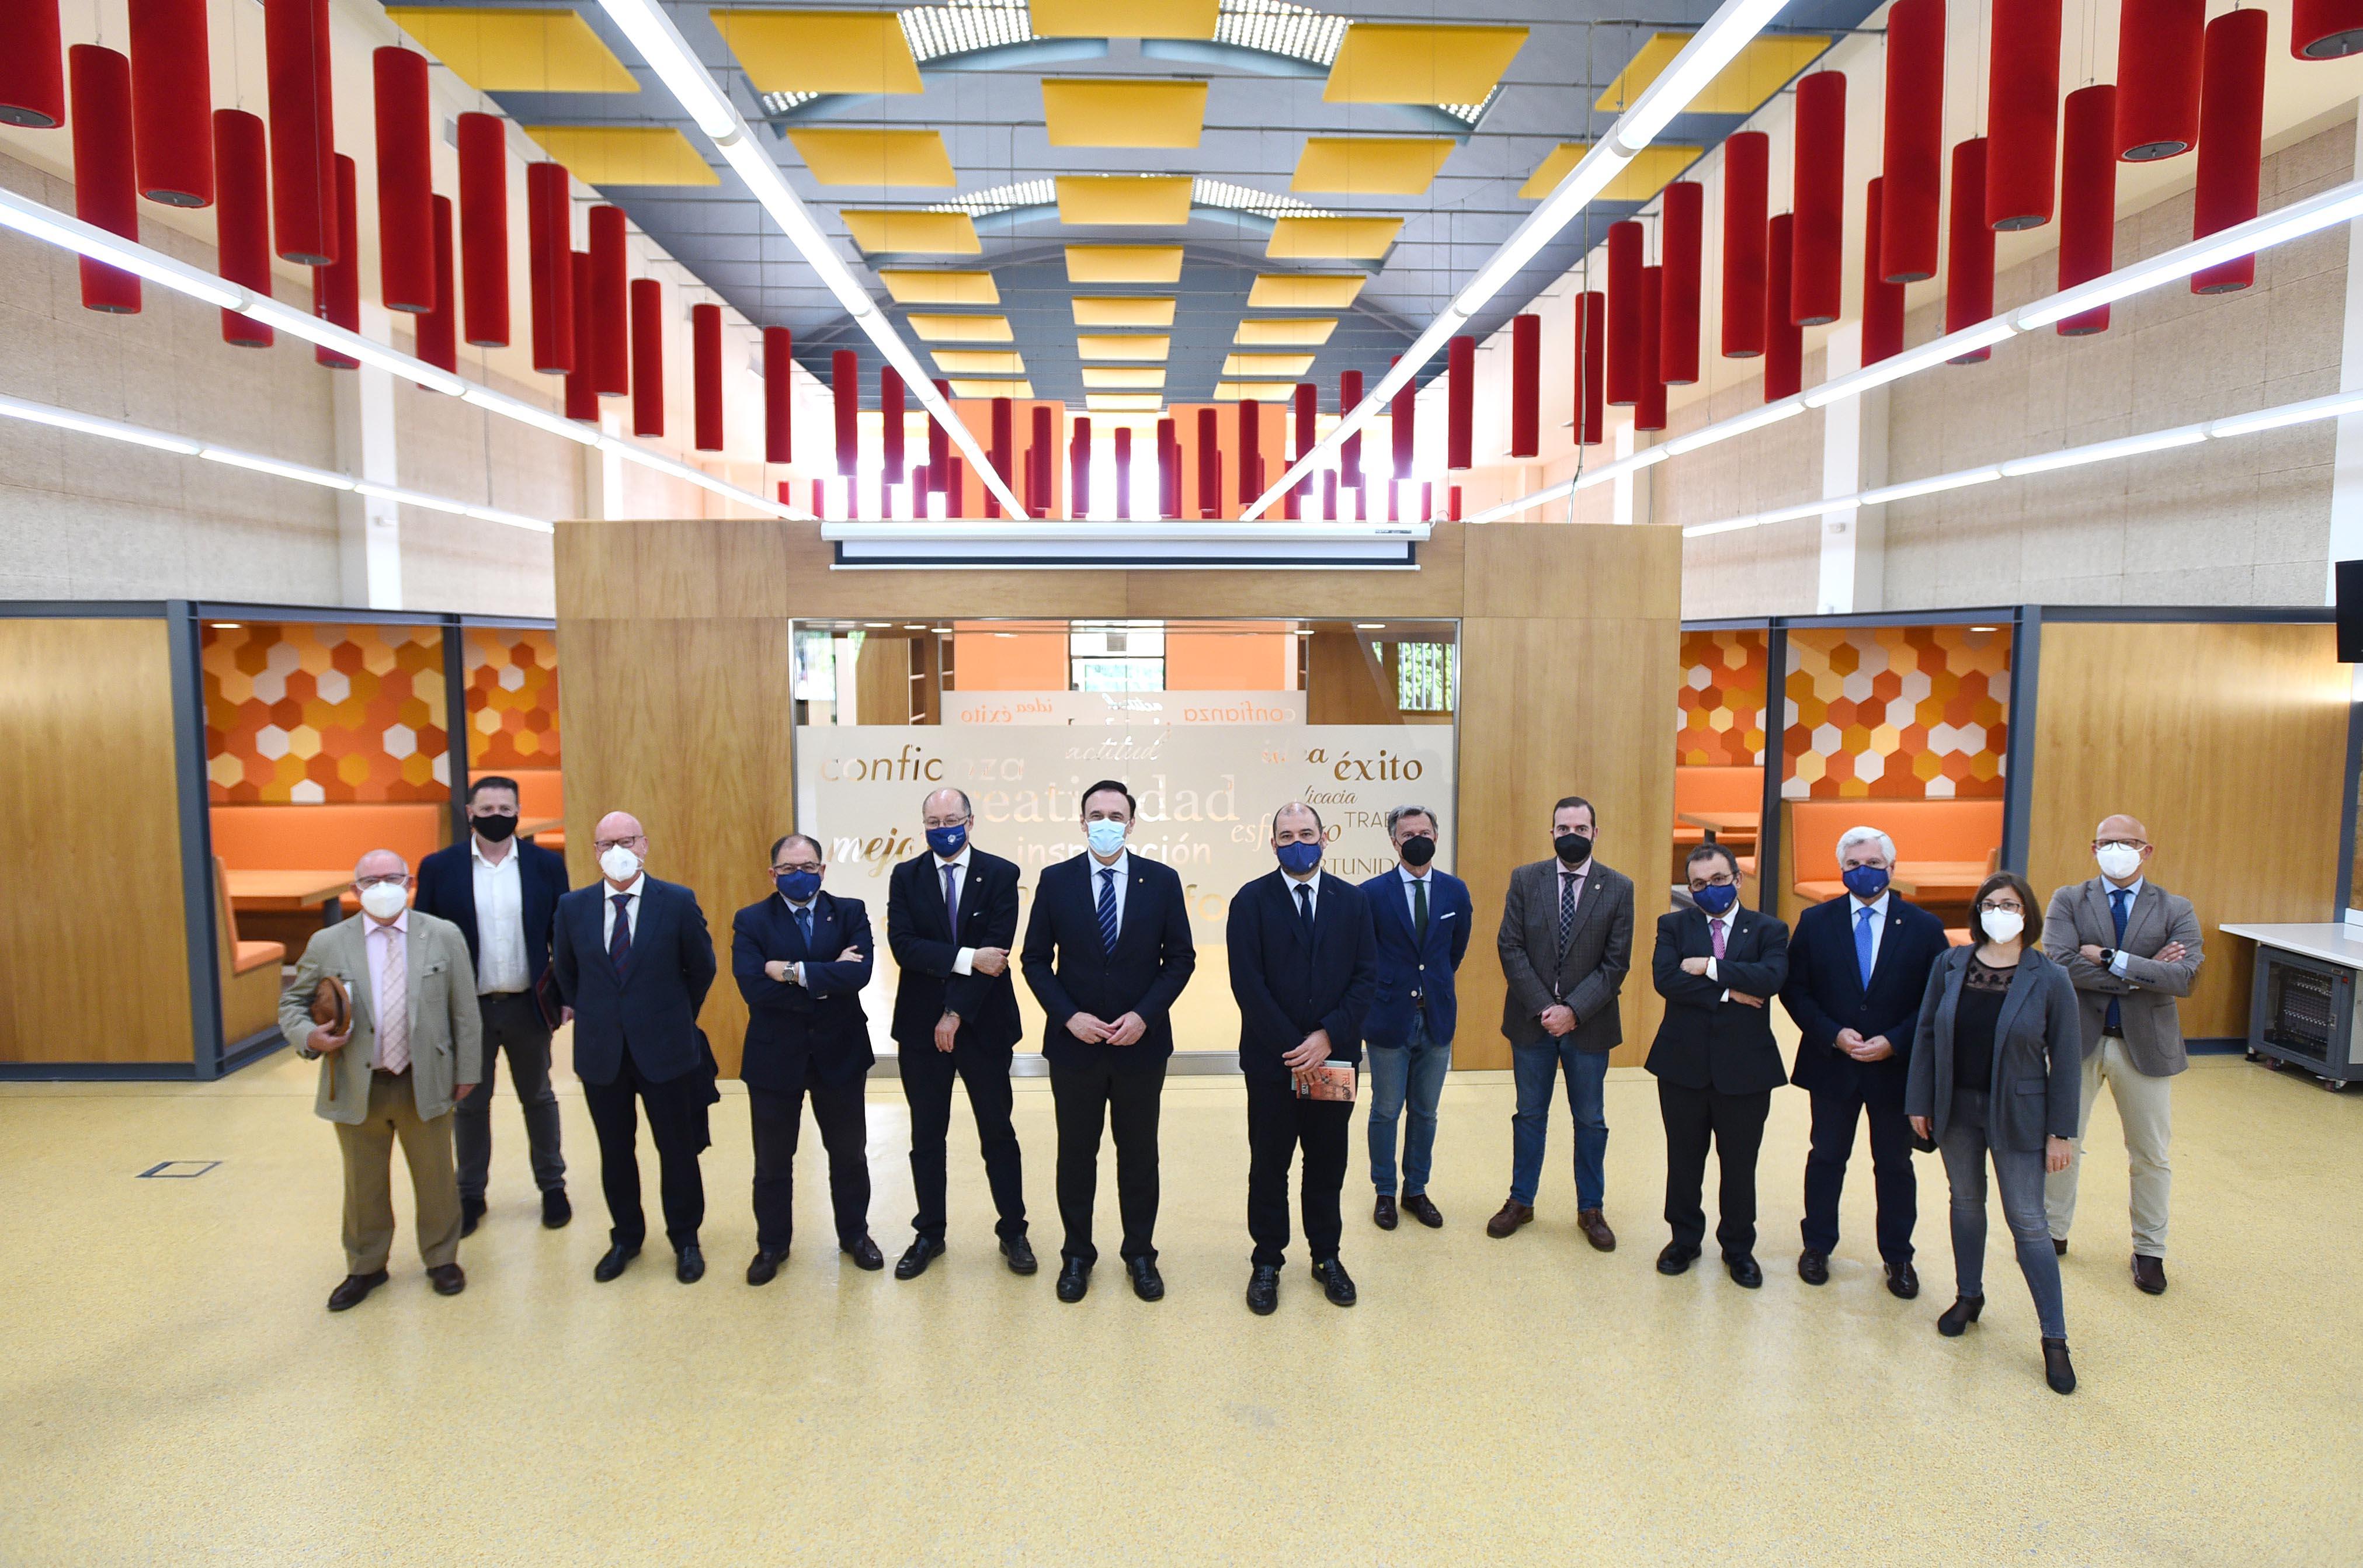 Visita del rector al Paraninfo, Finca Experimental y nueva sala de coworking en el Campus de Rabanales